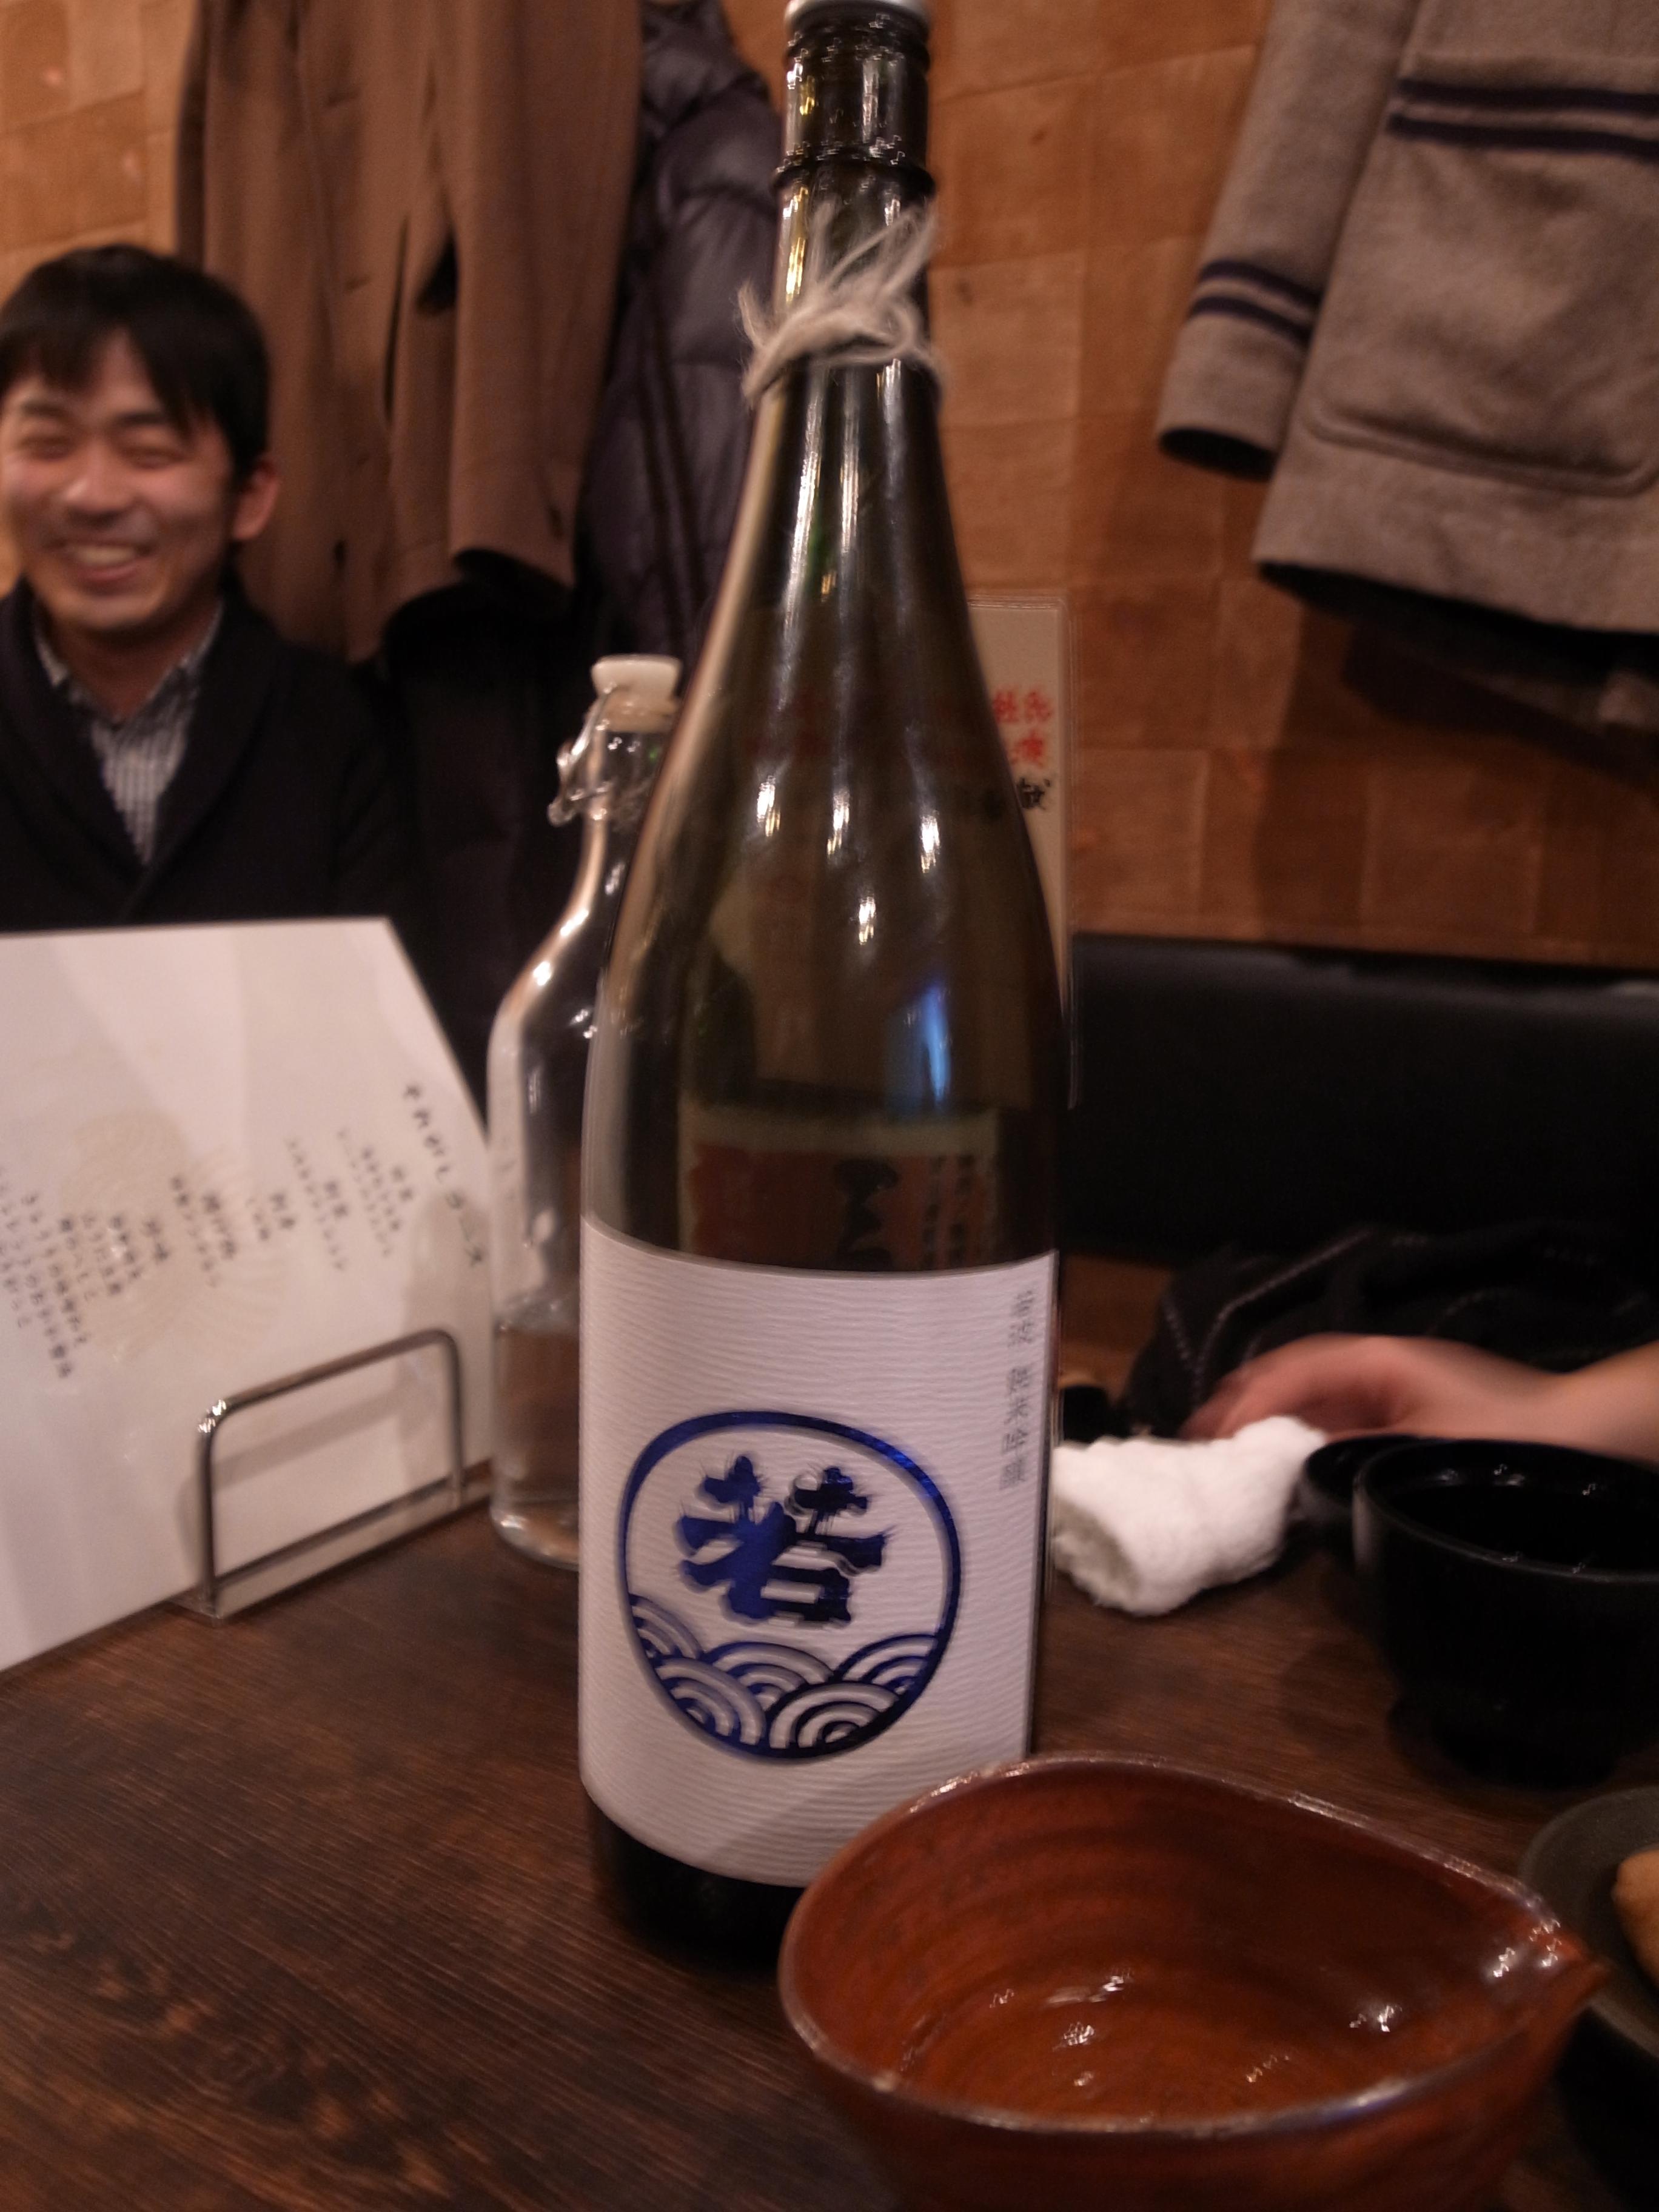 山手線沿いの日本酒がおいしい居酒屋:五反田「酒場それがし」 (17)